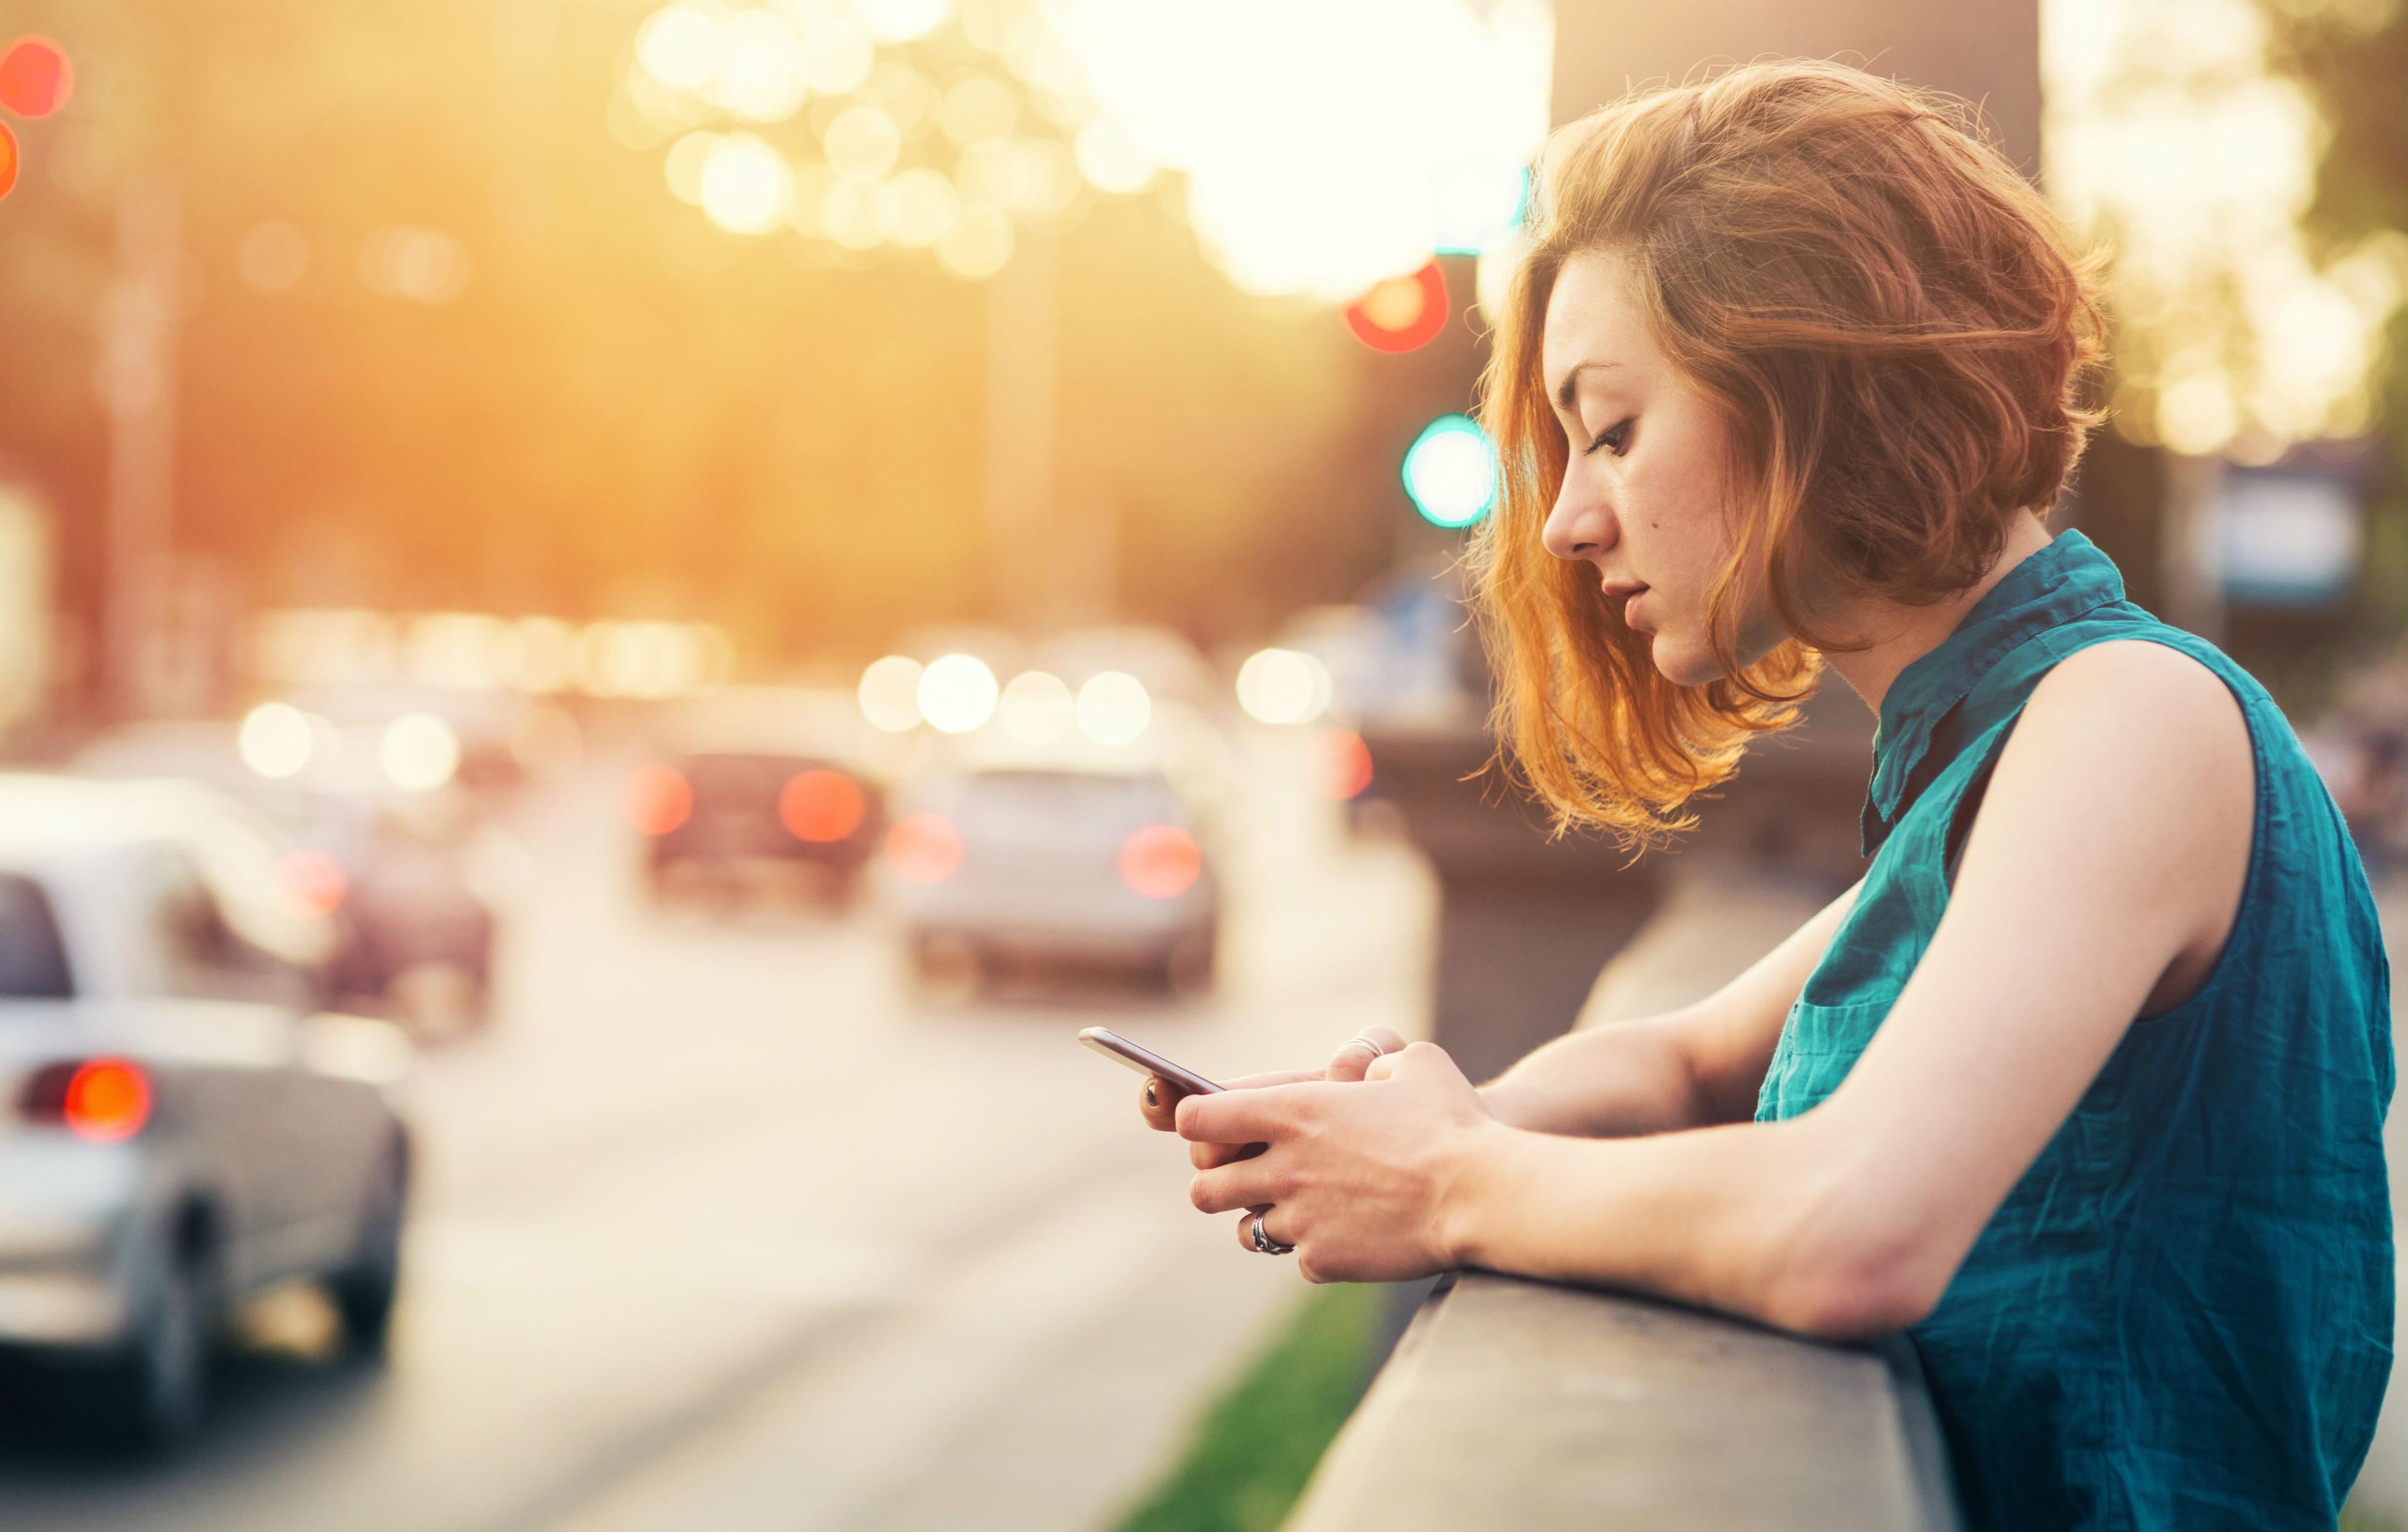 Junge Frau mit roten Haaren lehnt sich an eine Mauer und schaut auf ihr Smartphone.